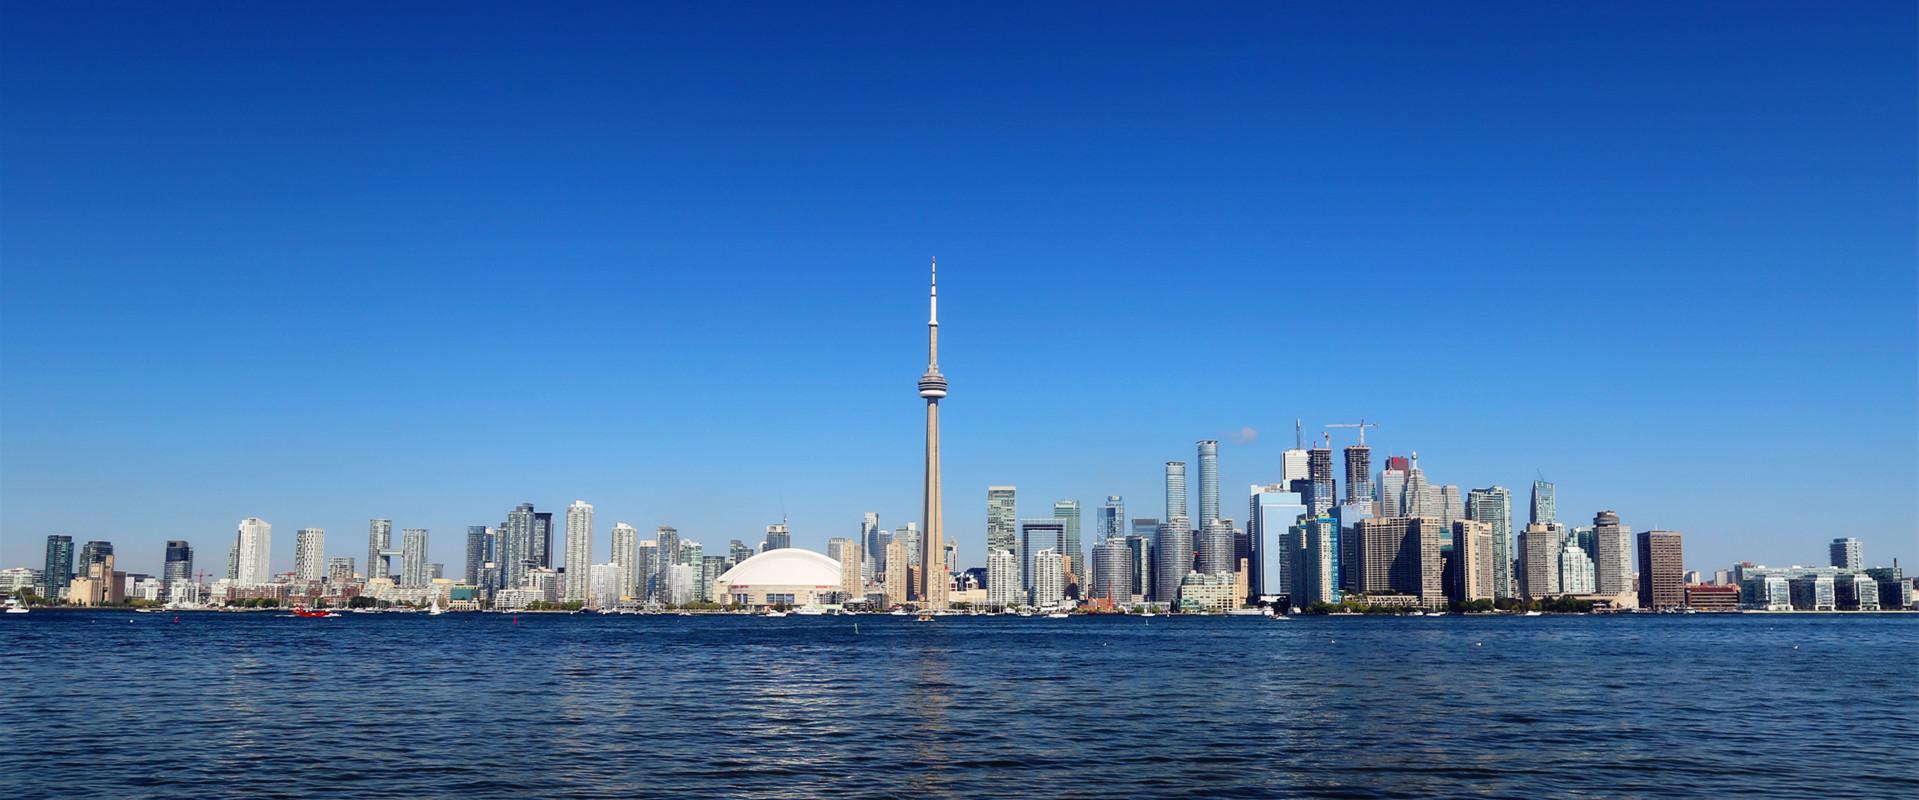 多伦多 Toronto